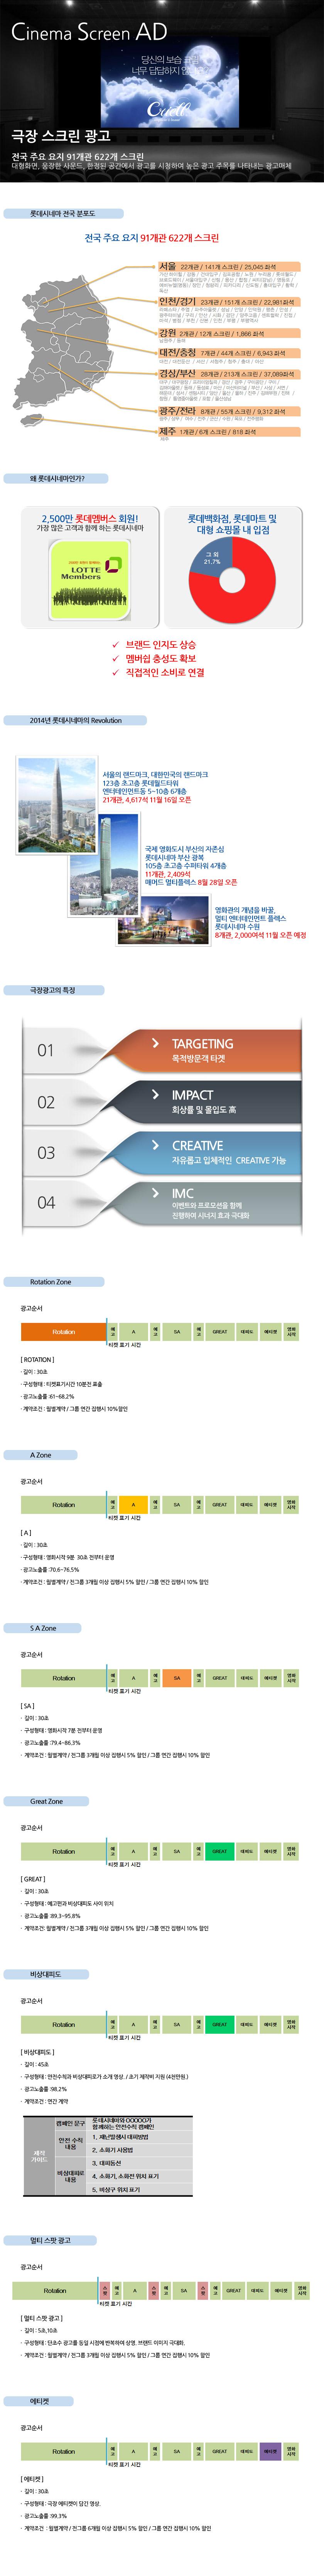 매체소개_스크린광고.jpg